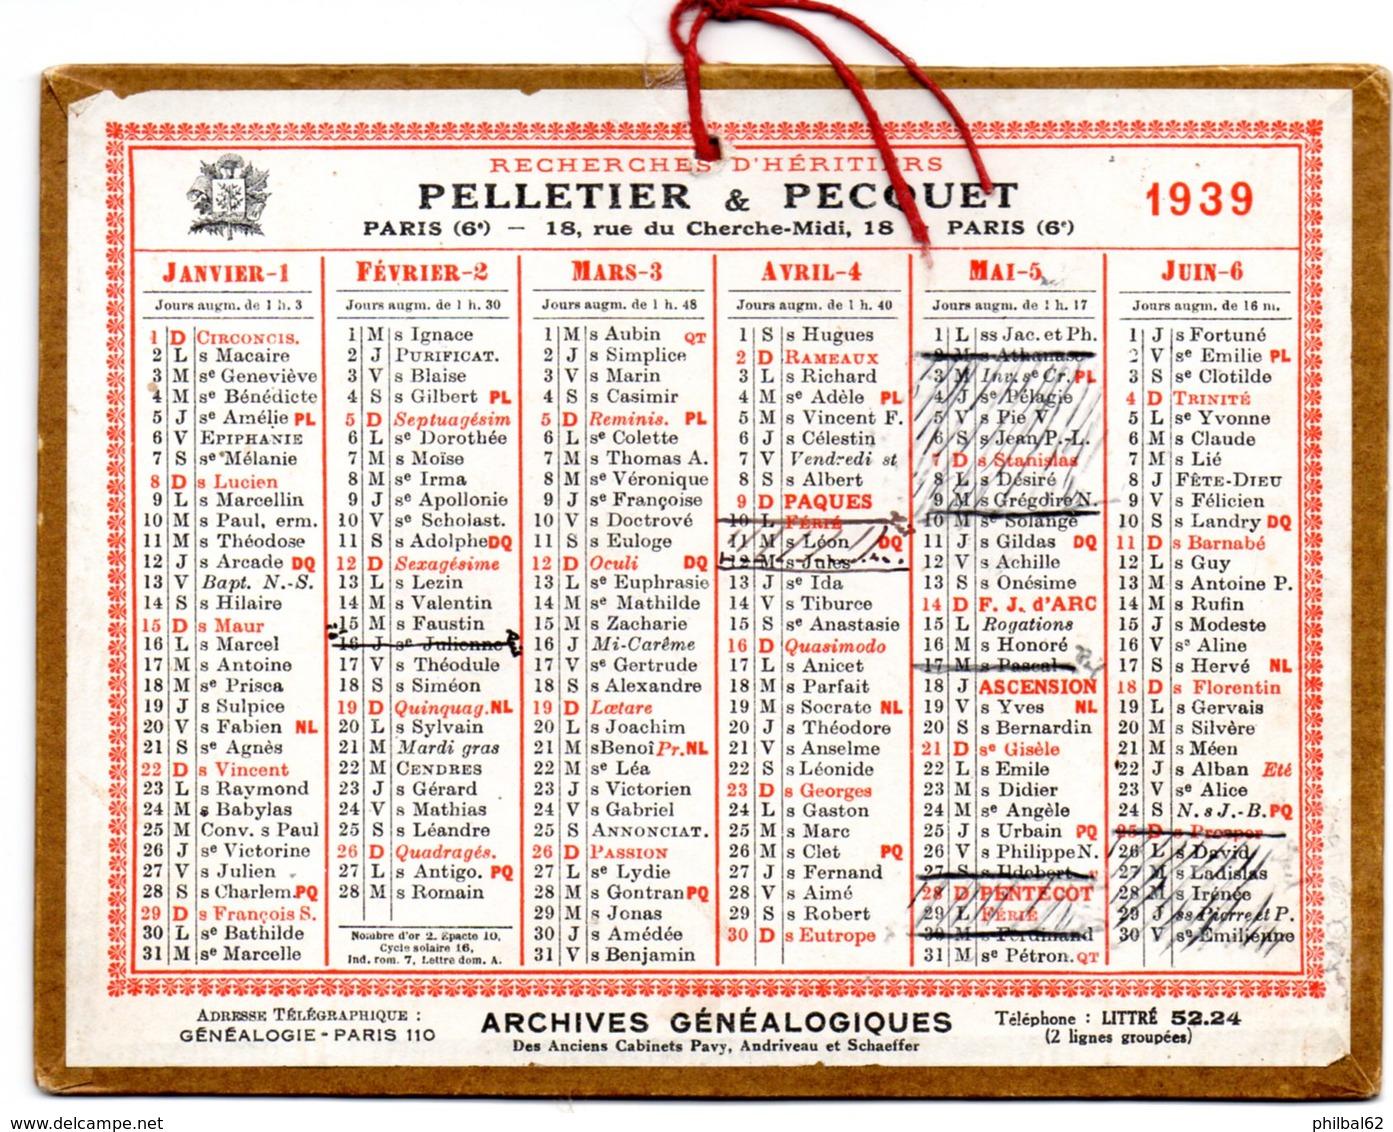 Petit Calendrier Cartonné 1939, Pelletier & Pecquet, Recherche D'héritiers, Paris. - Petit Format : 1921-40